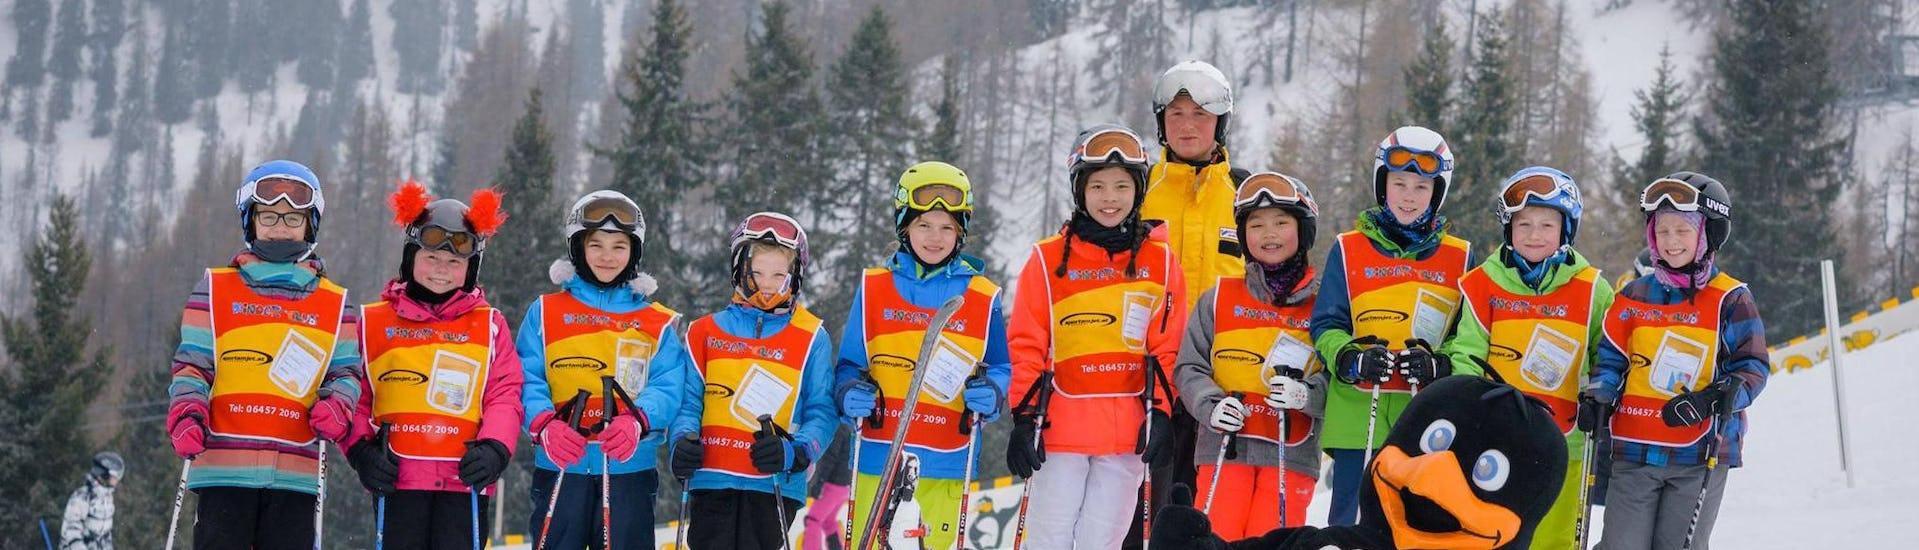 Skilessen voor kinderen en tieners (6-14 jaar) - Gevorderden